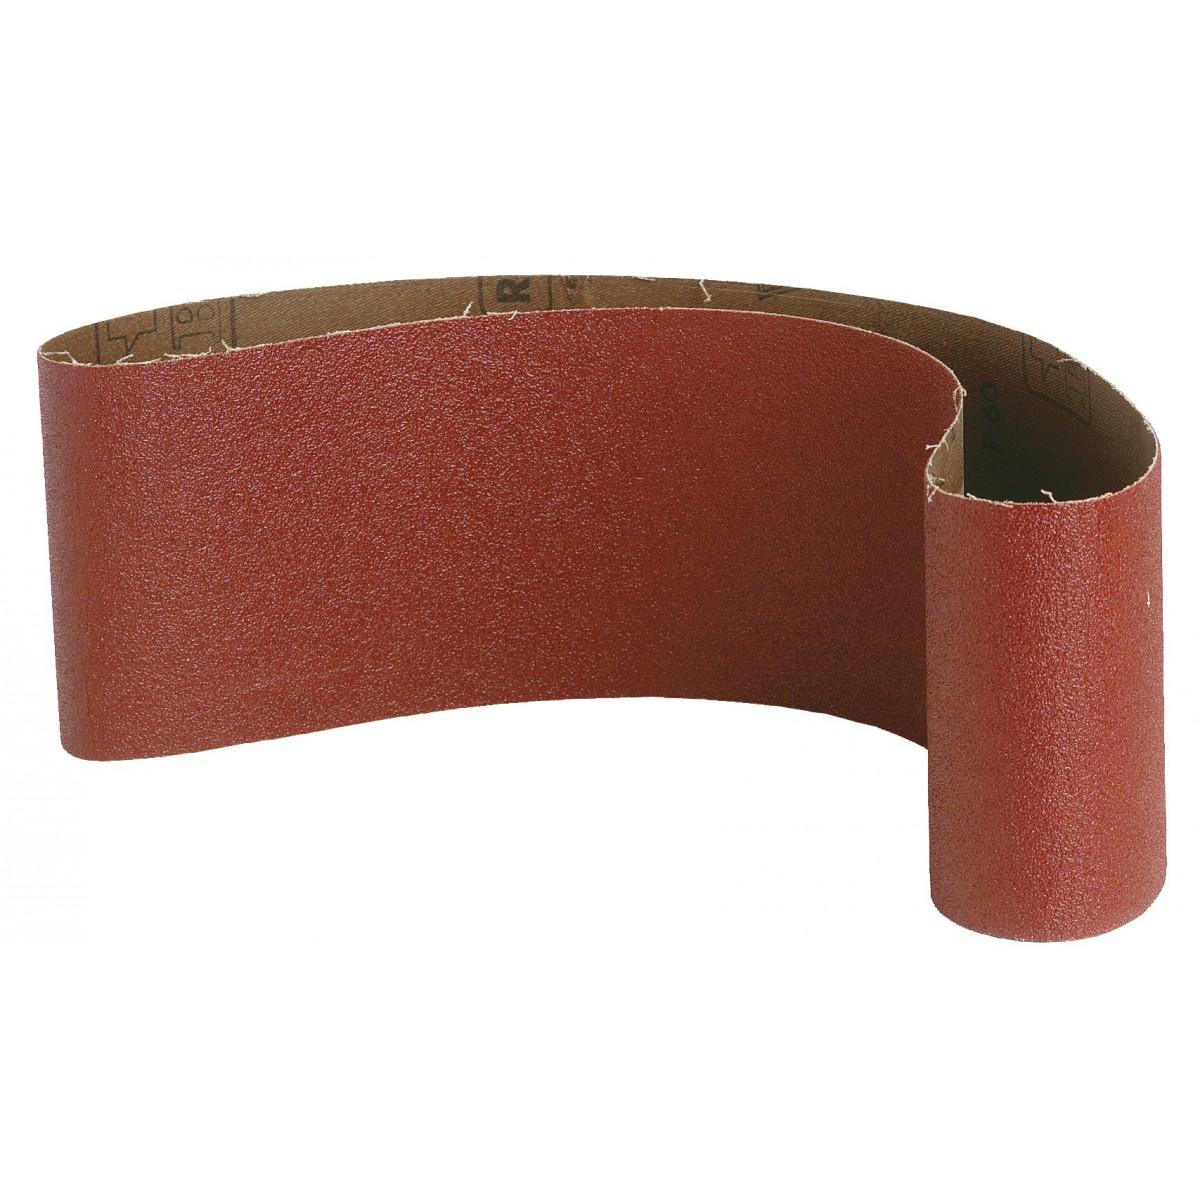 Bande sans fin abrasive SCID - Dimensions 75 x 457 mm - Grain 40 - Vendu par 3